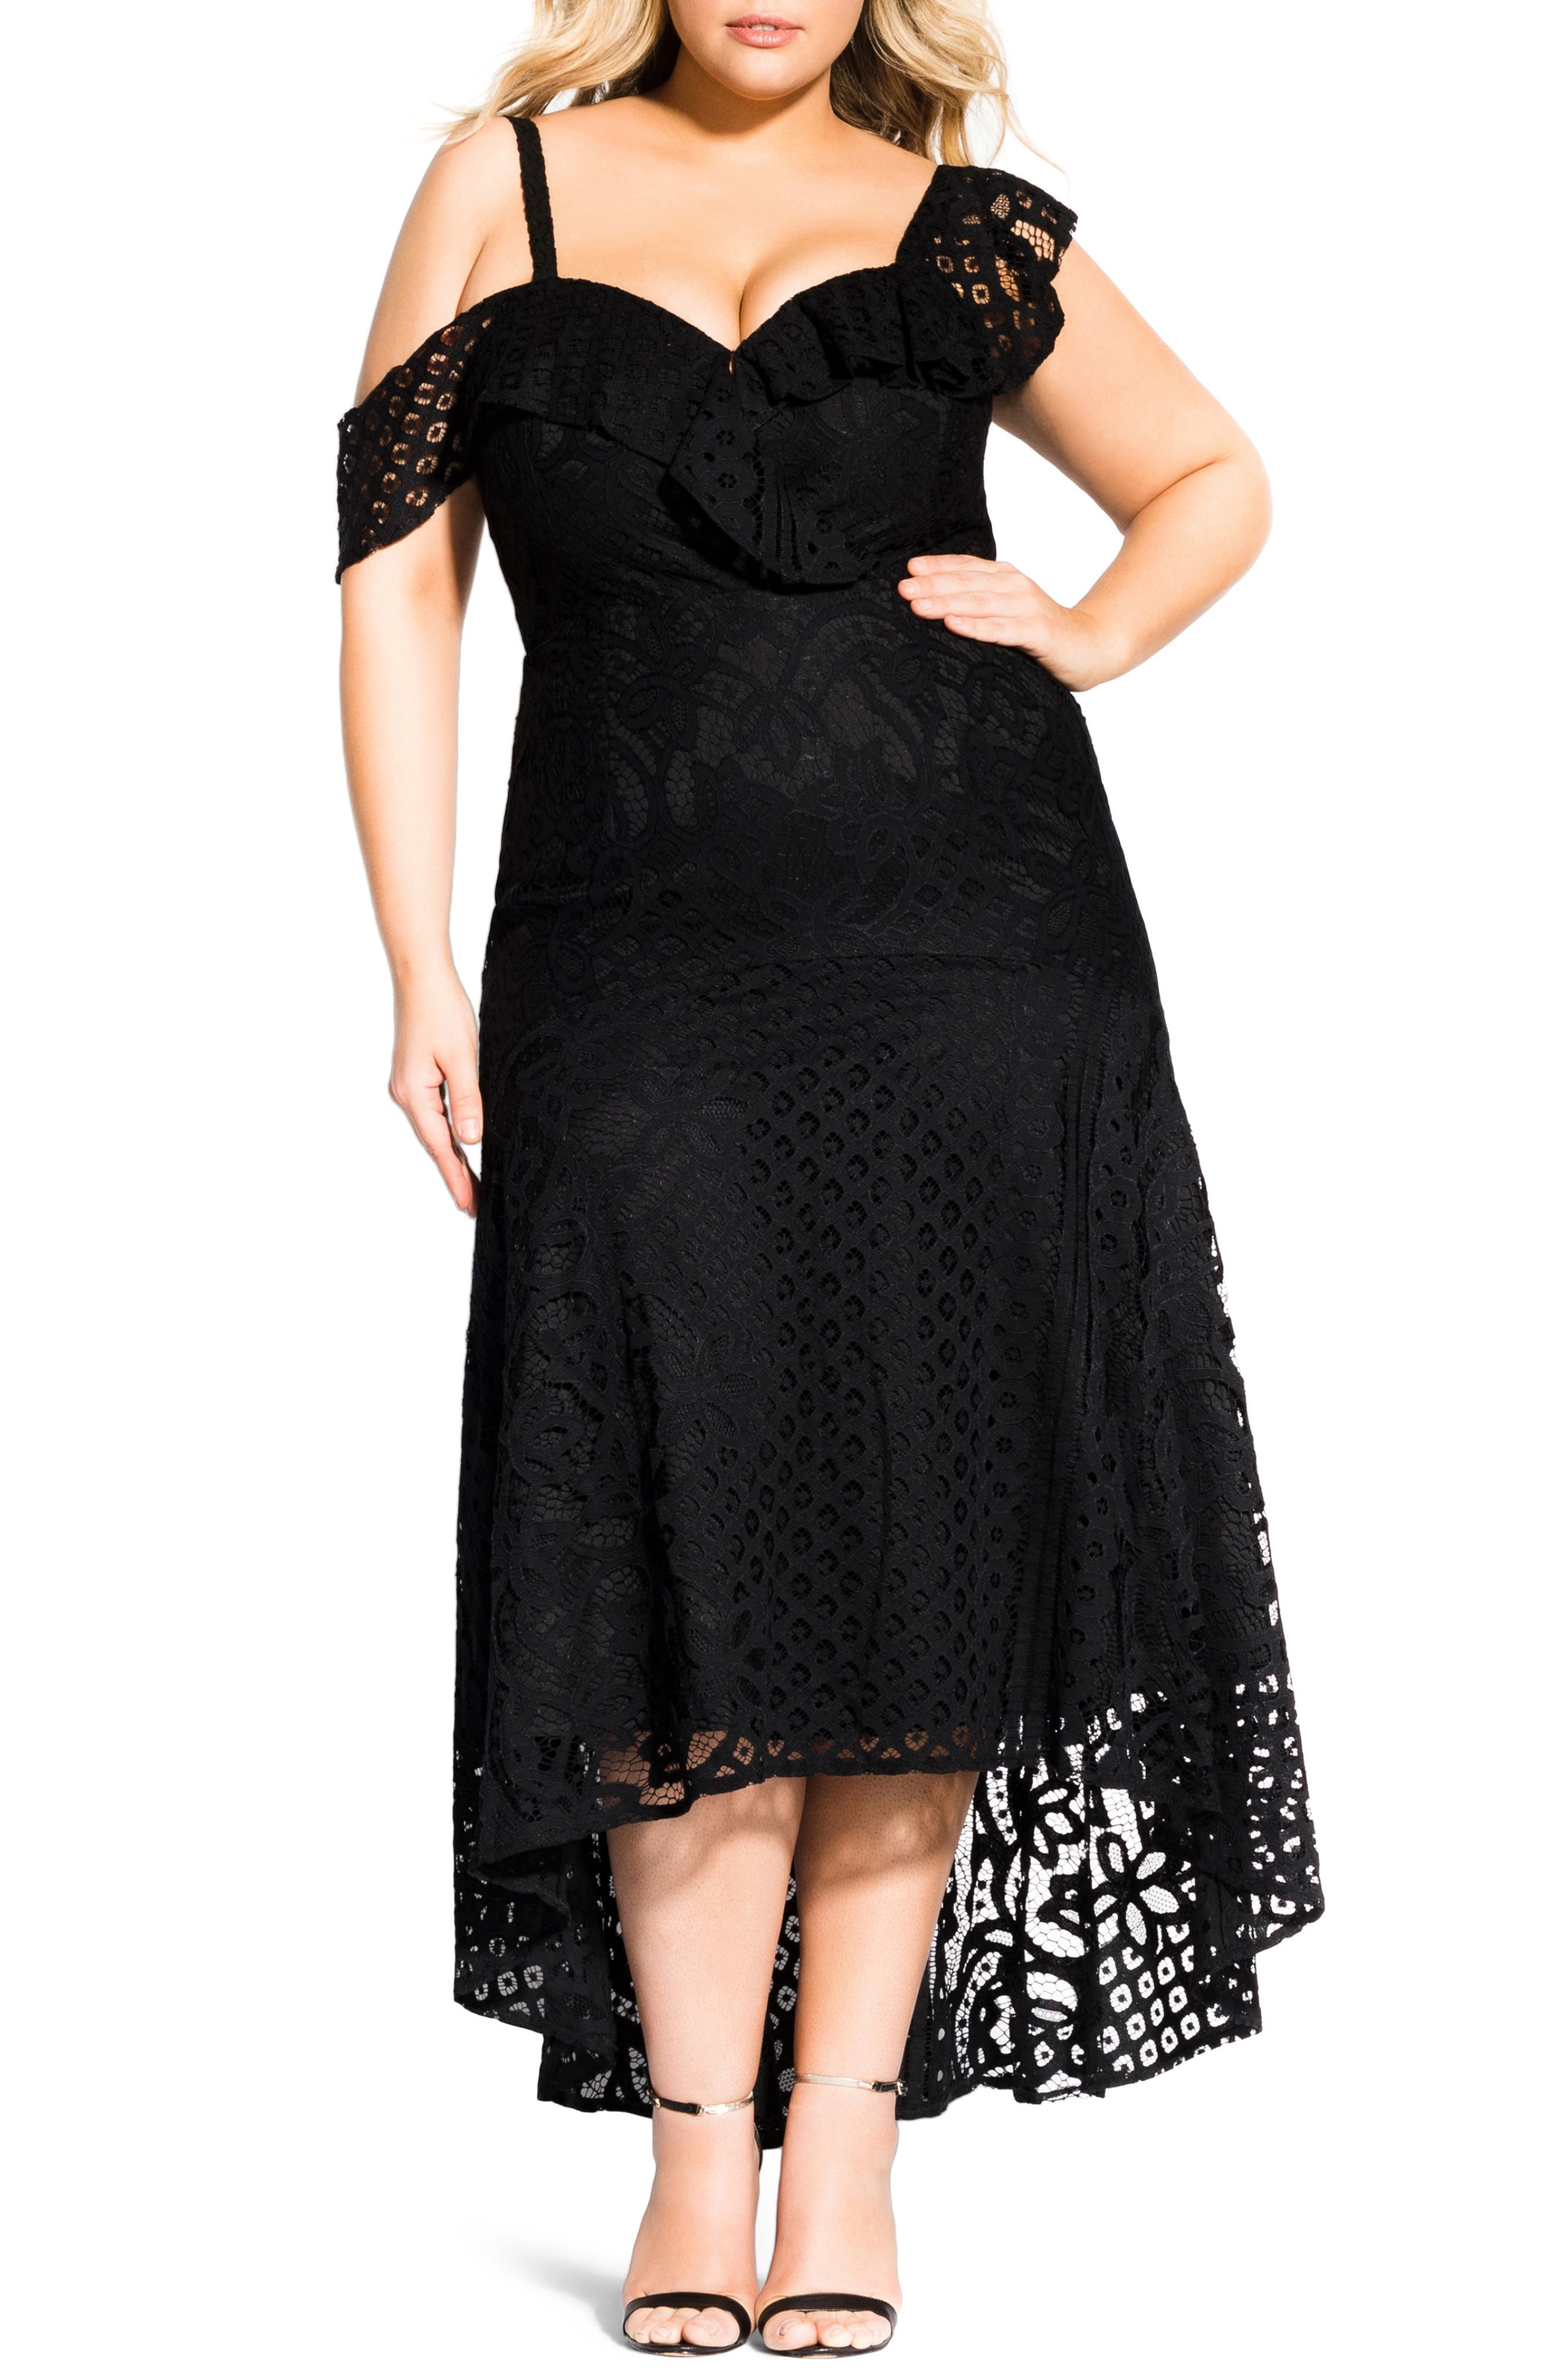 Plus Size City Chic Femme Fatale Maxi Dress, Black